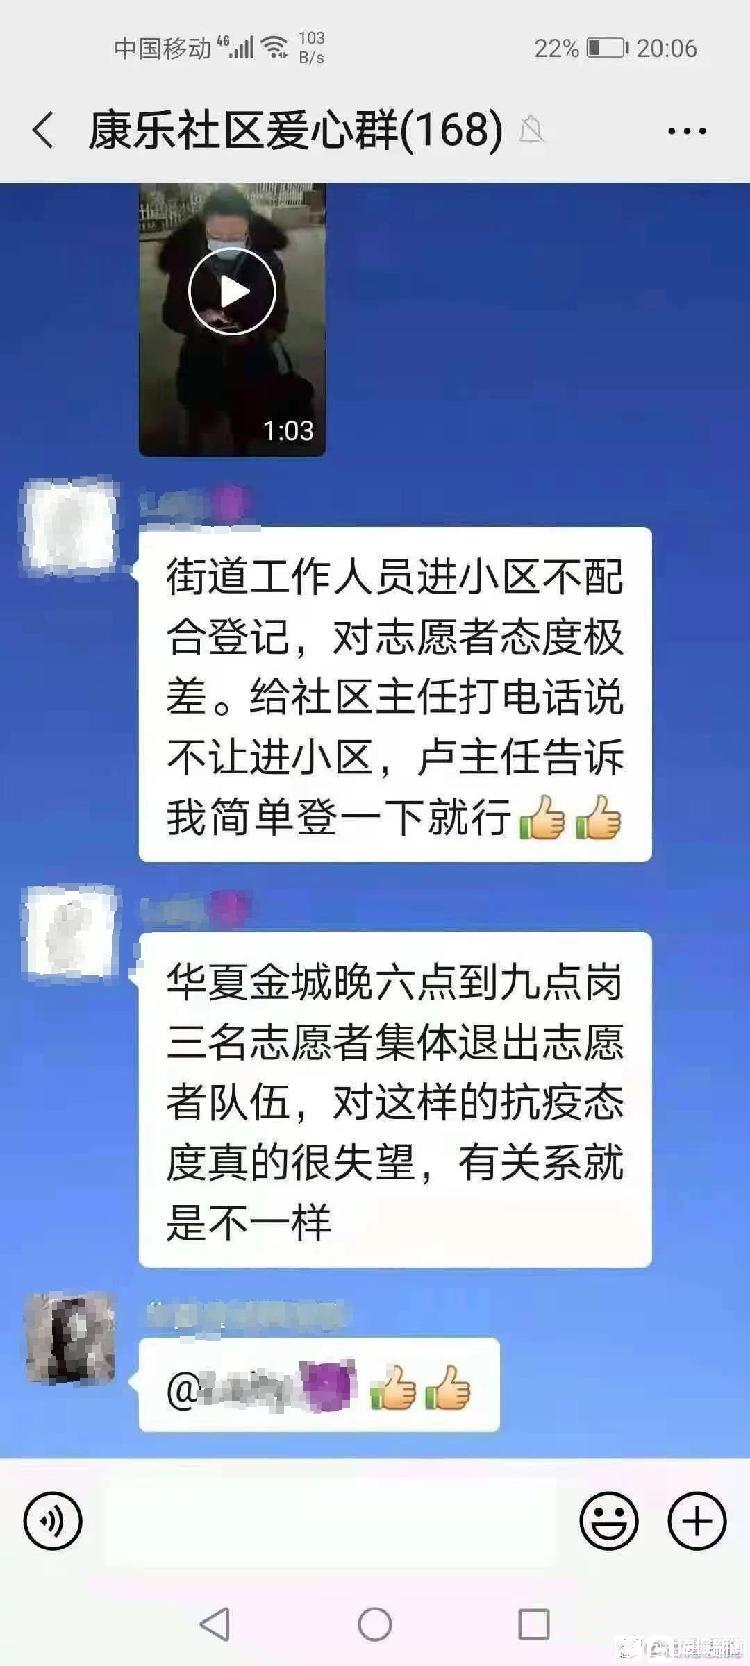 李泉妻子_光背男殴打少年_阳春网